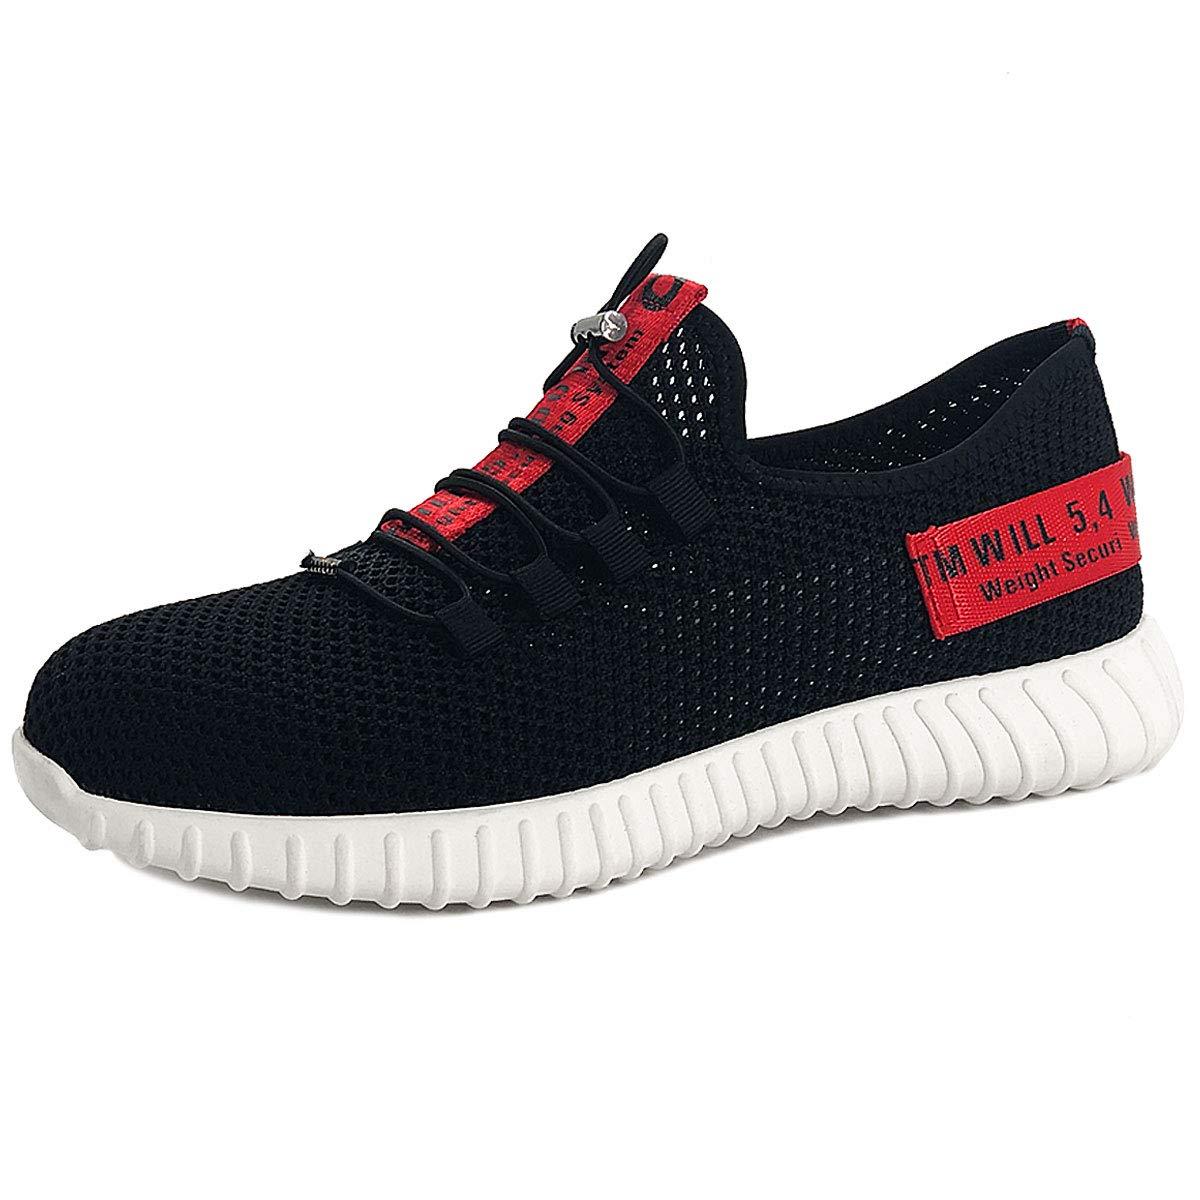 CHNHIRA Chaussures de Sécurité Homme Embout Acier Protection Léger Basket Chaussures de...